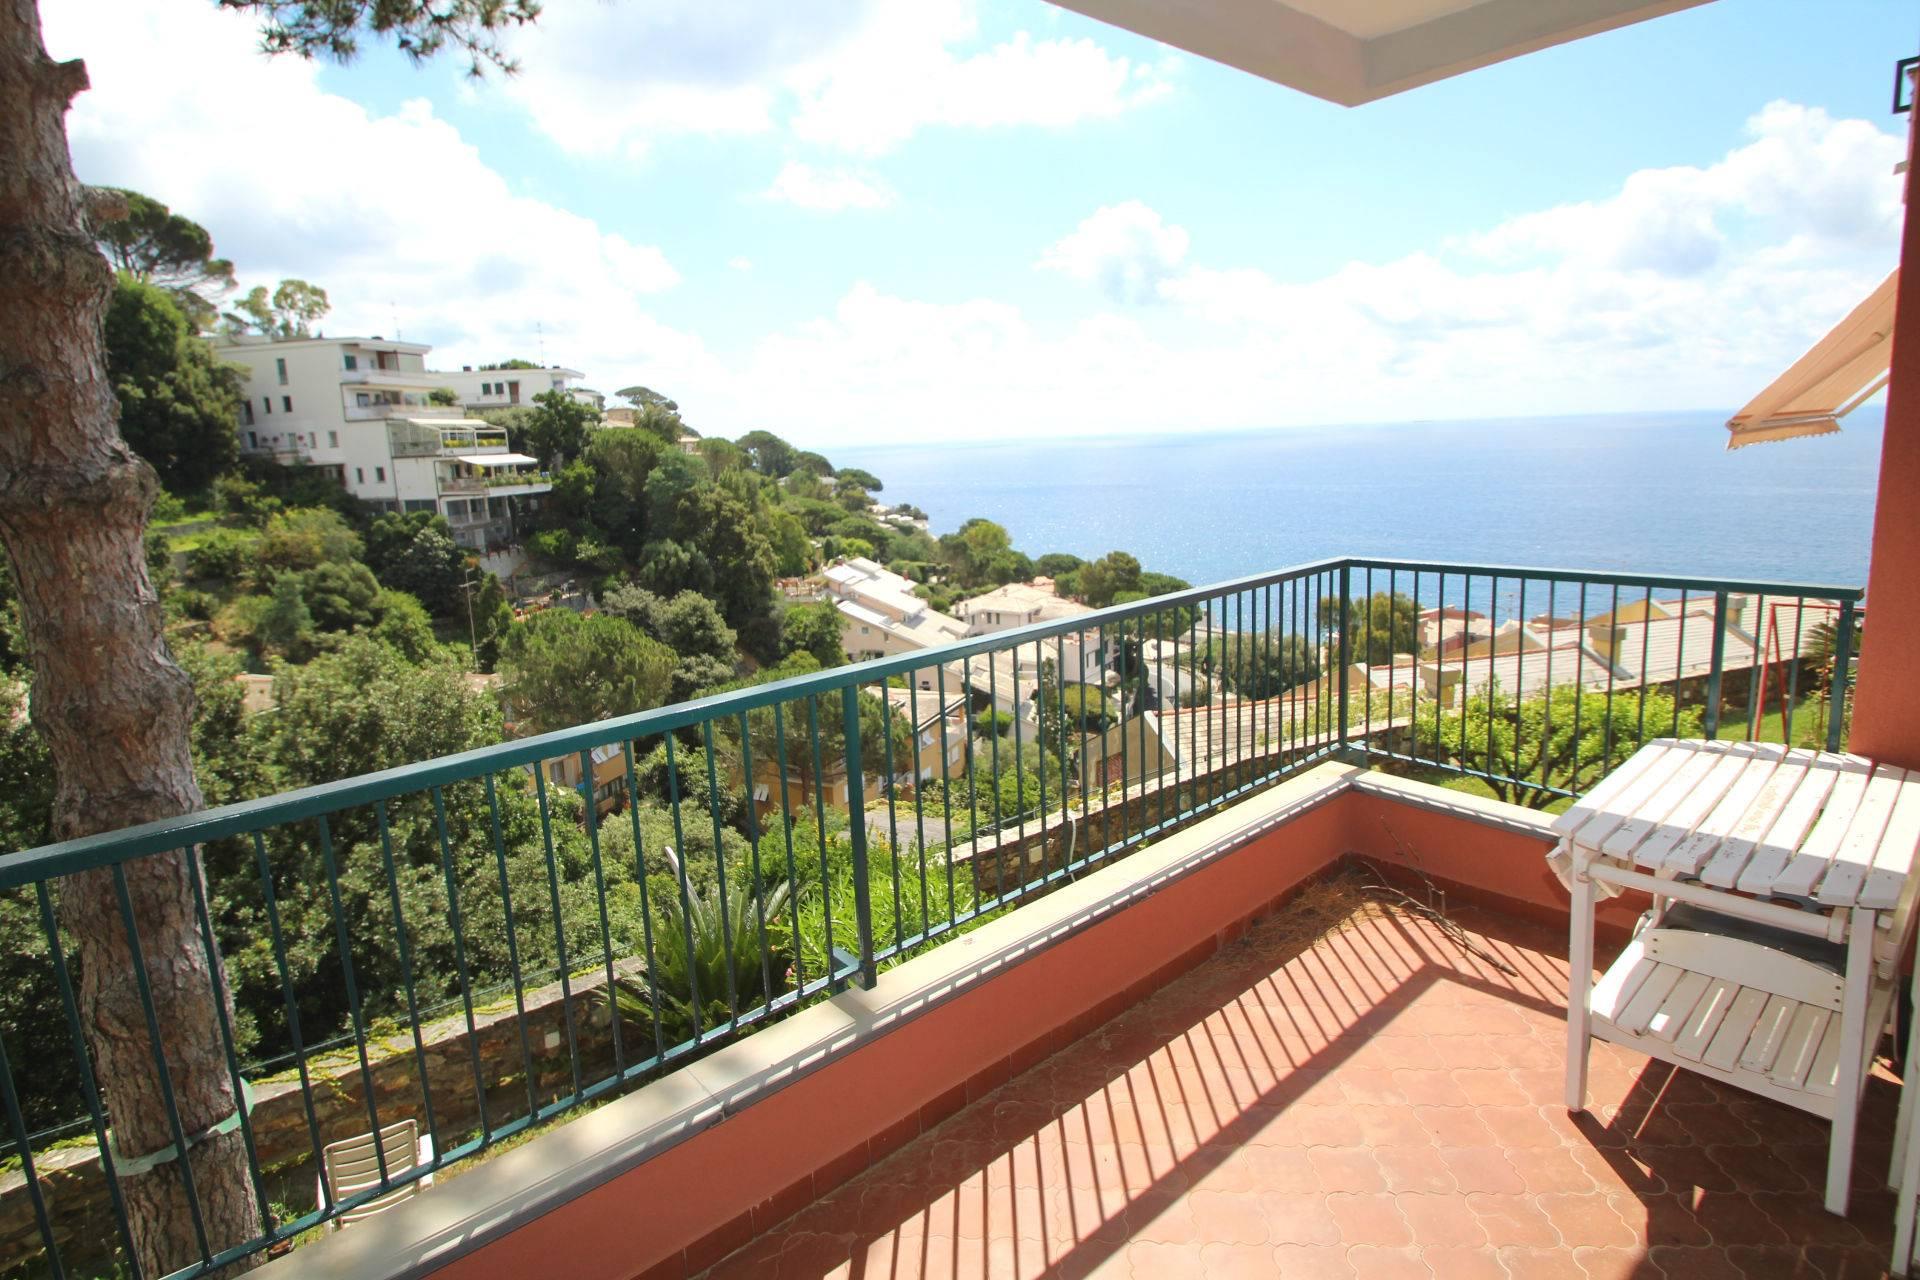 Appartamento in vendita a Arenzano, 3 locali, zona Località: PinetadiArenzano, Trattative riservate | CambioCasa.it